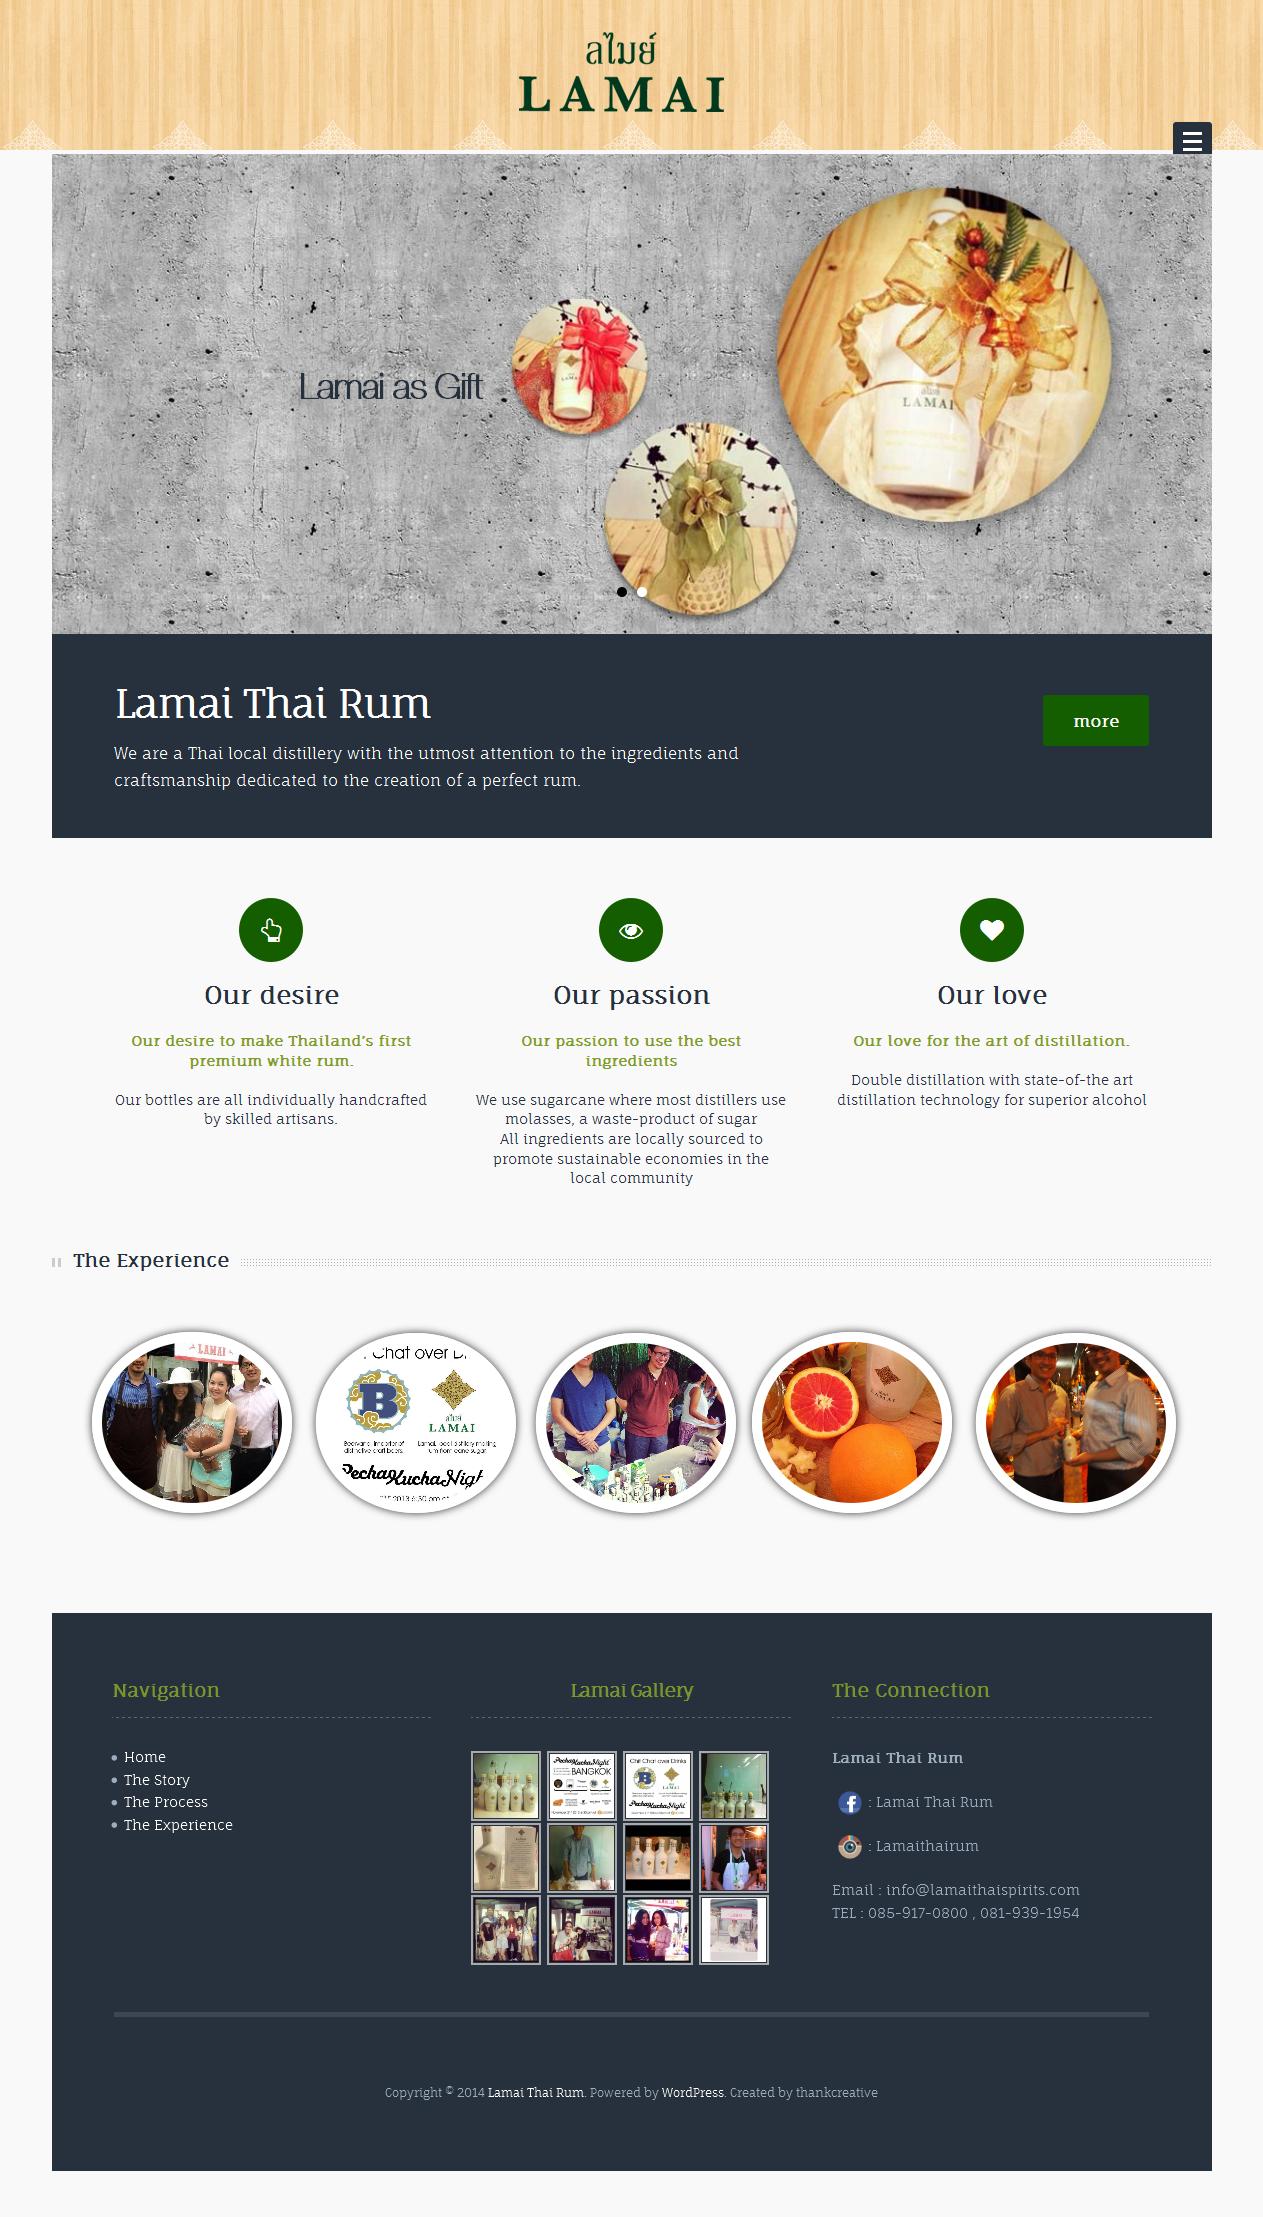 Lamai Thai Spirit